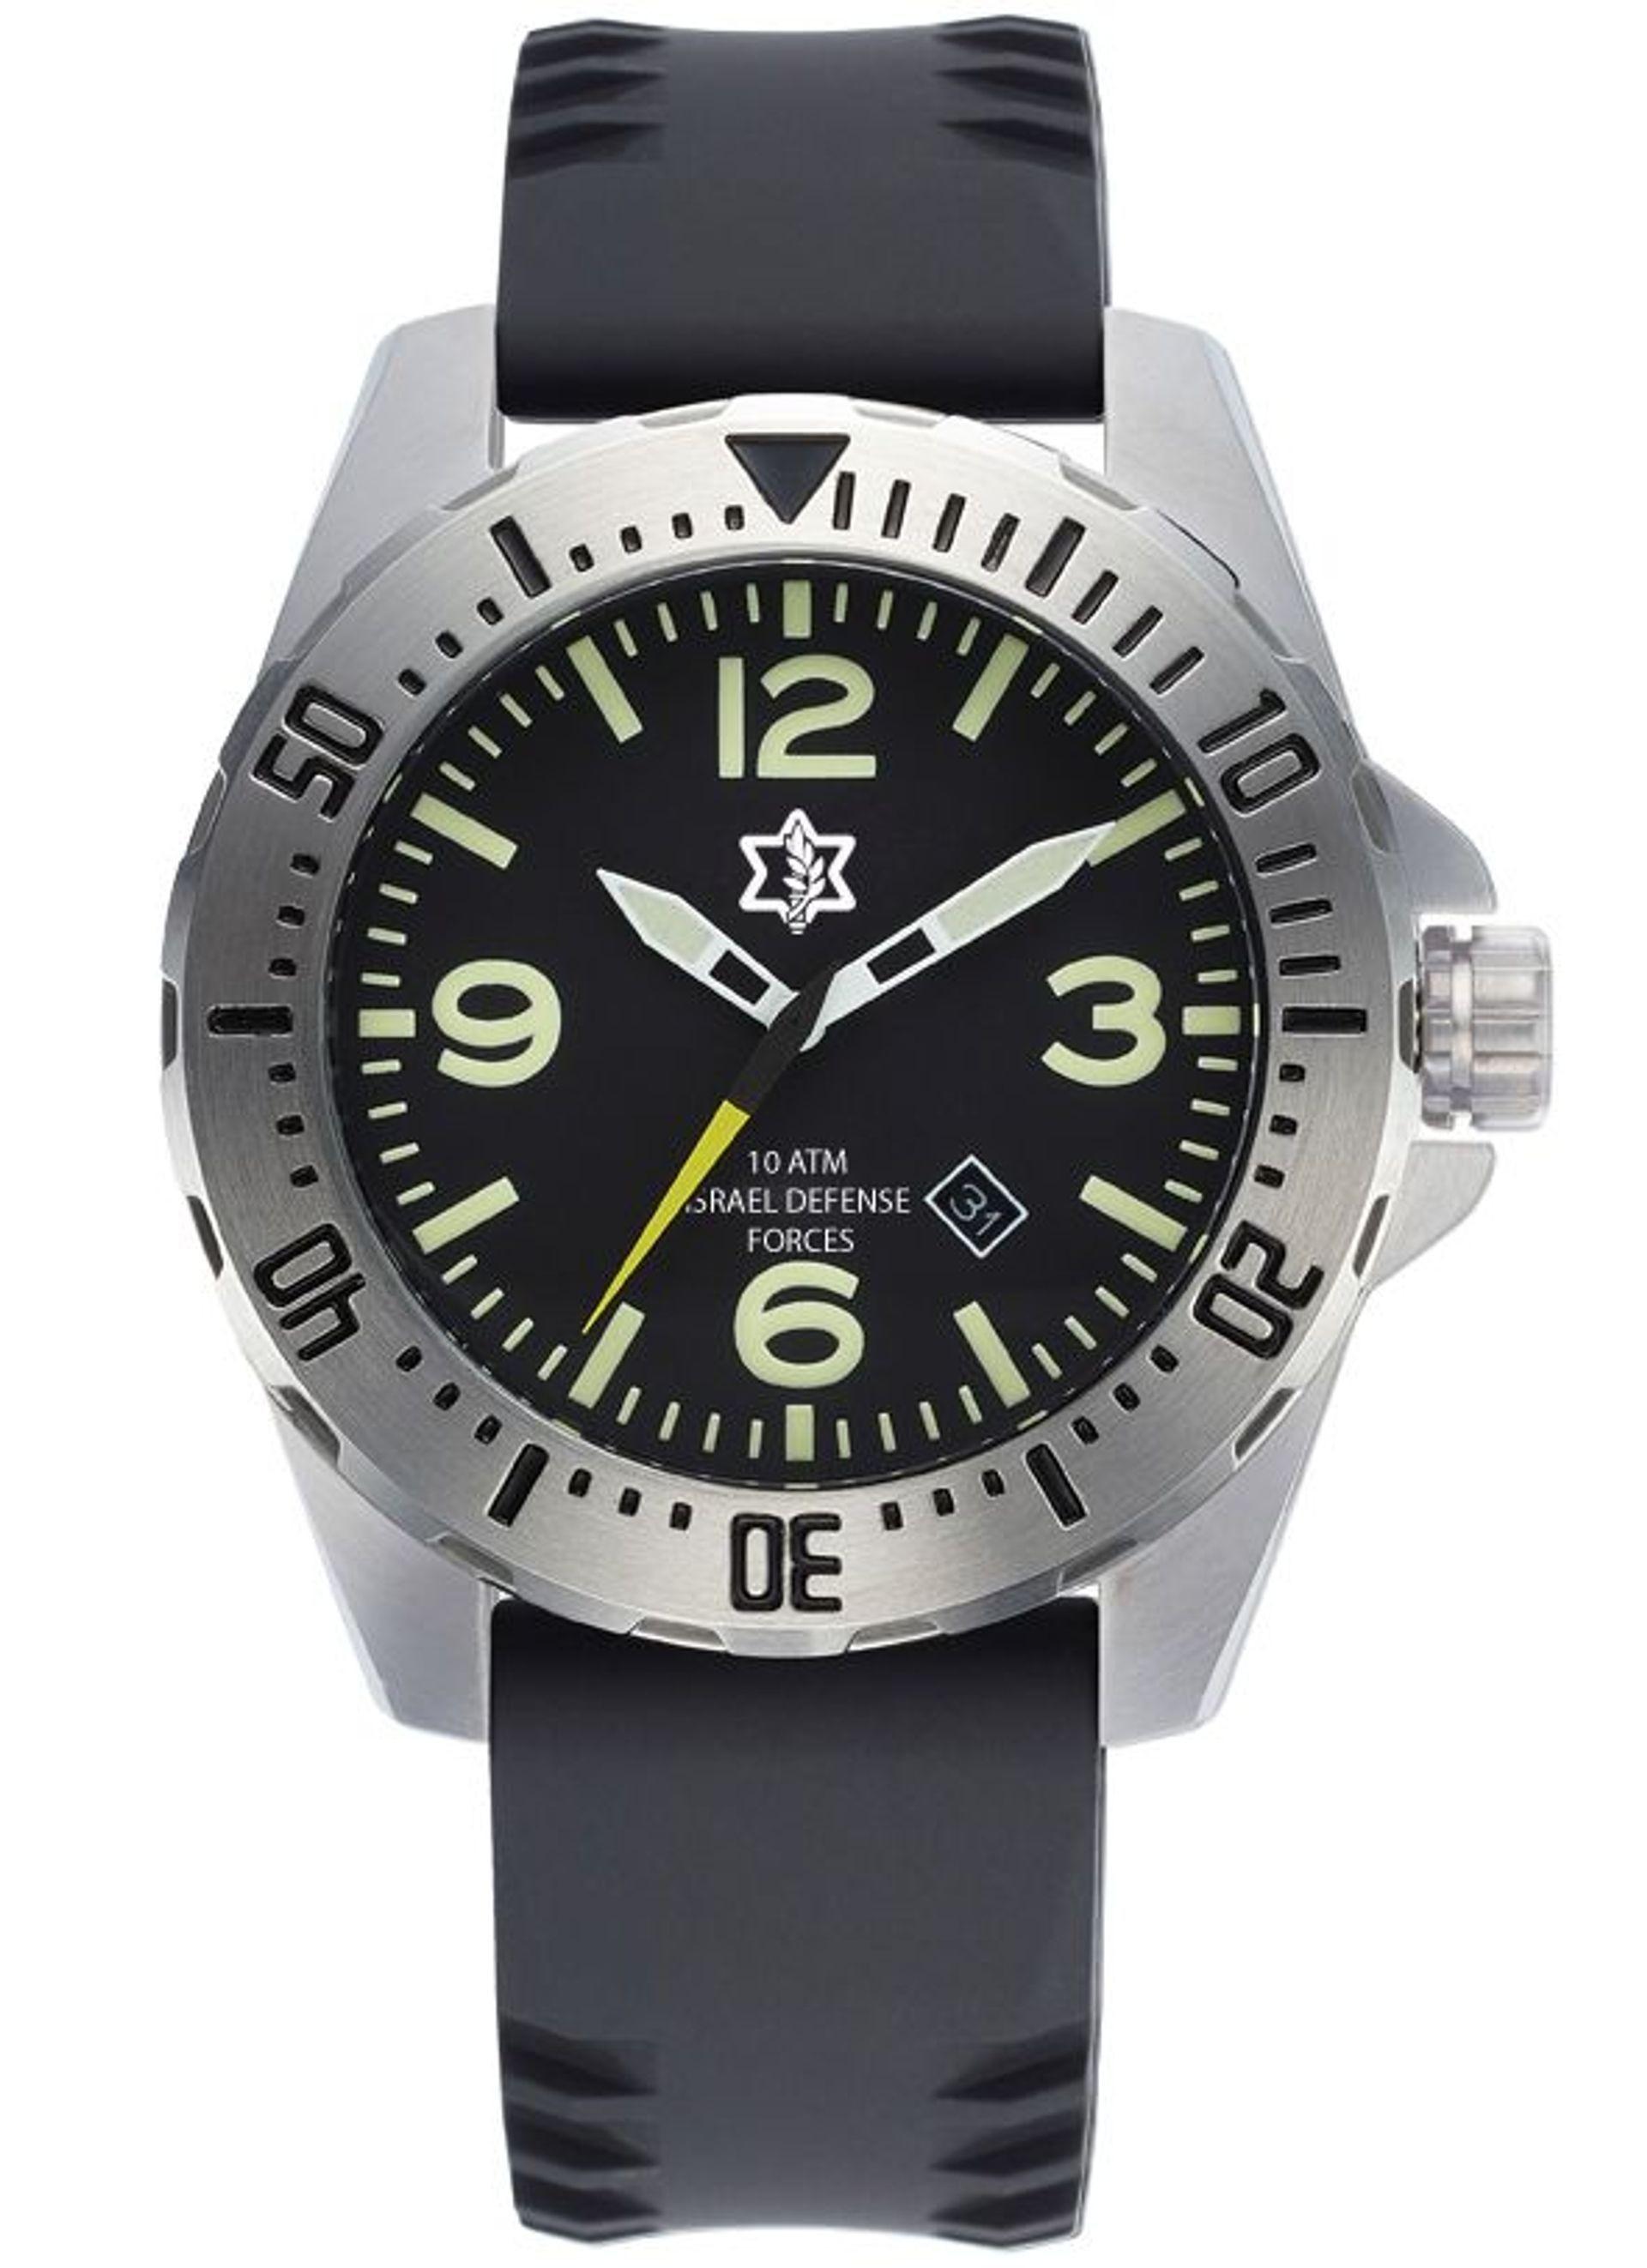 שעון צלילה עם סמל של חיל רגלים